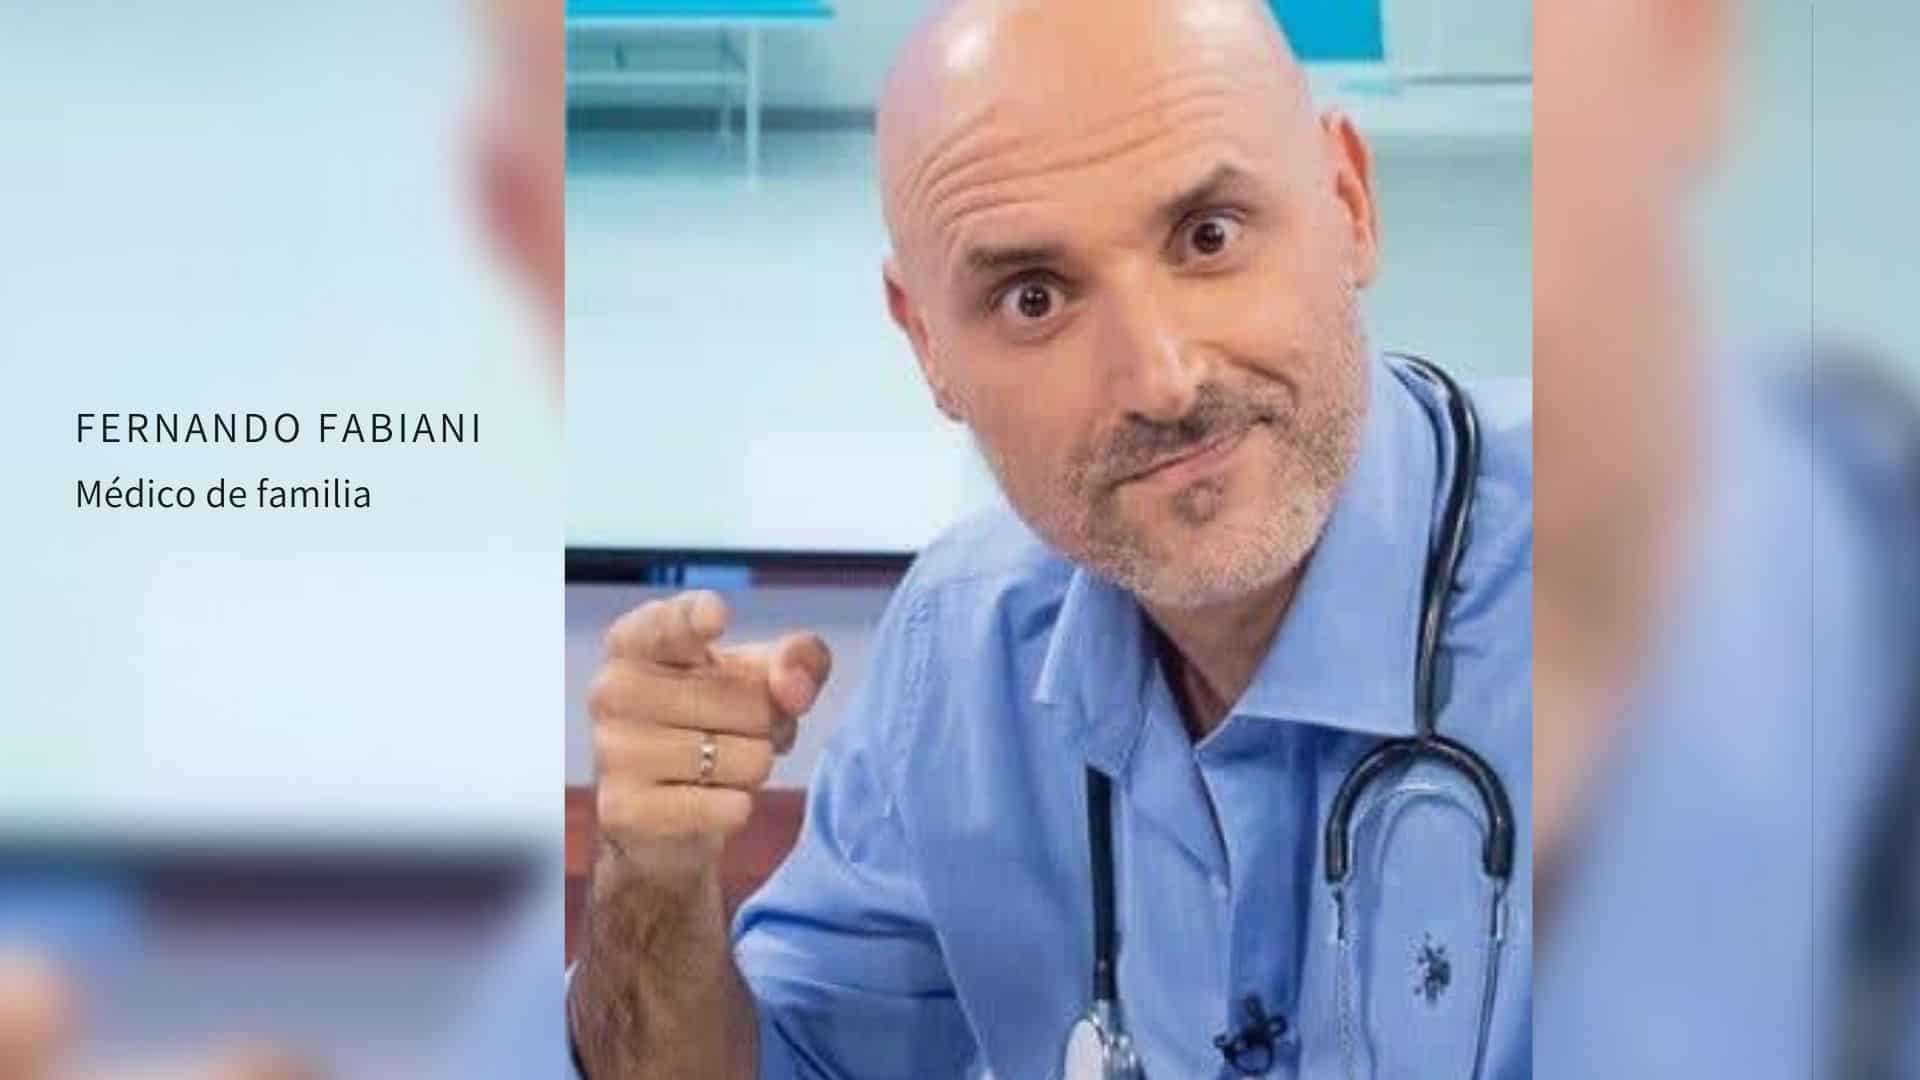 medico de familia fernando fabiani